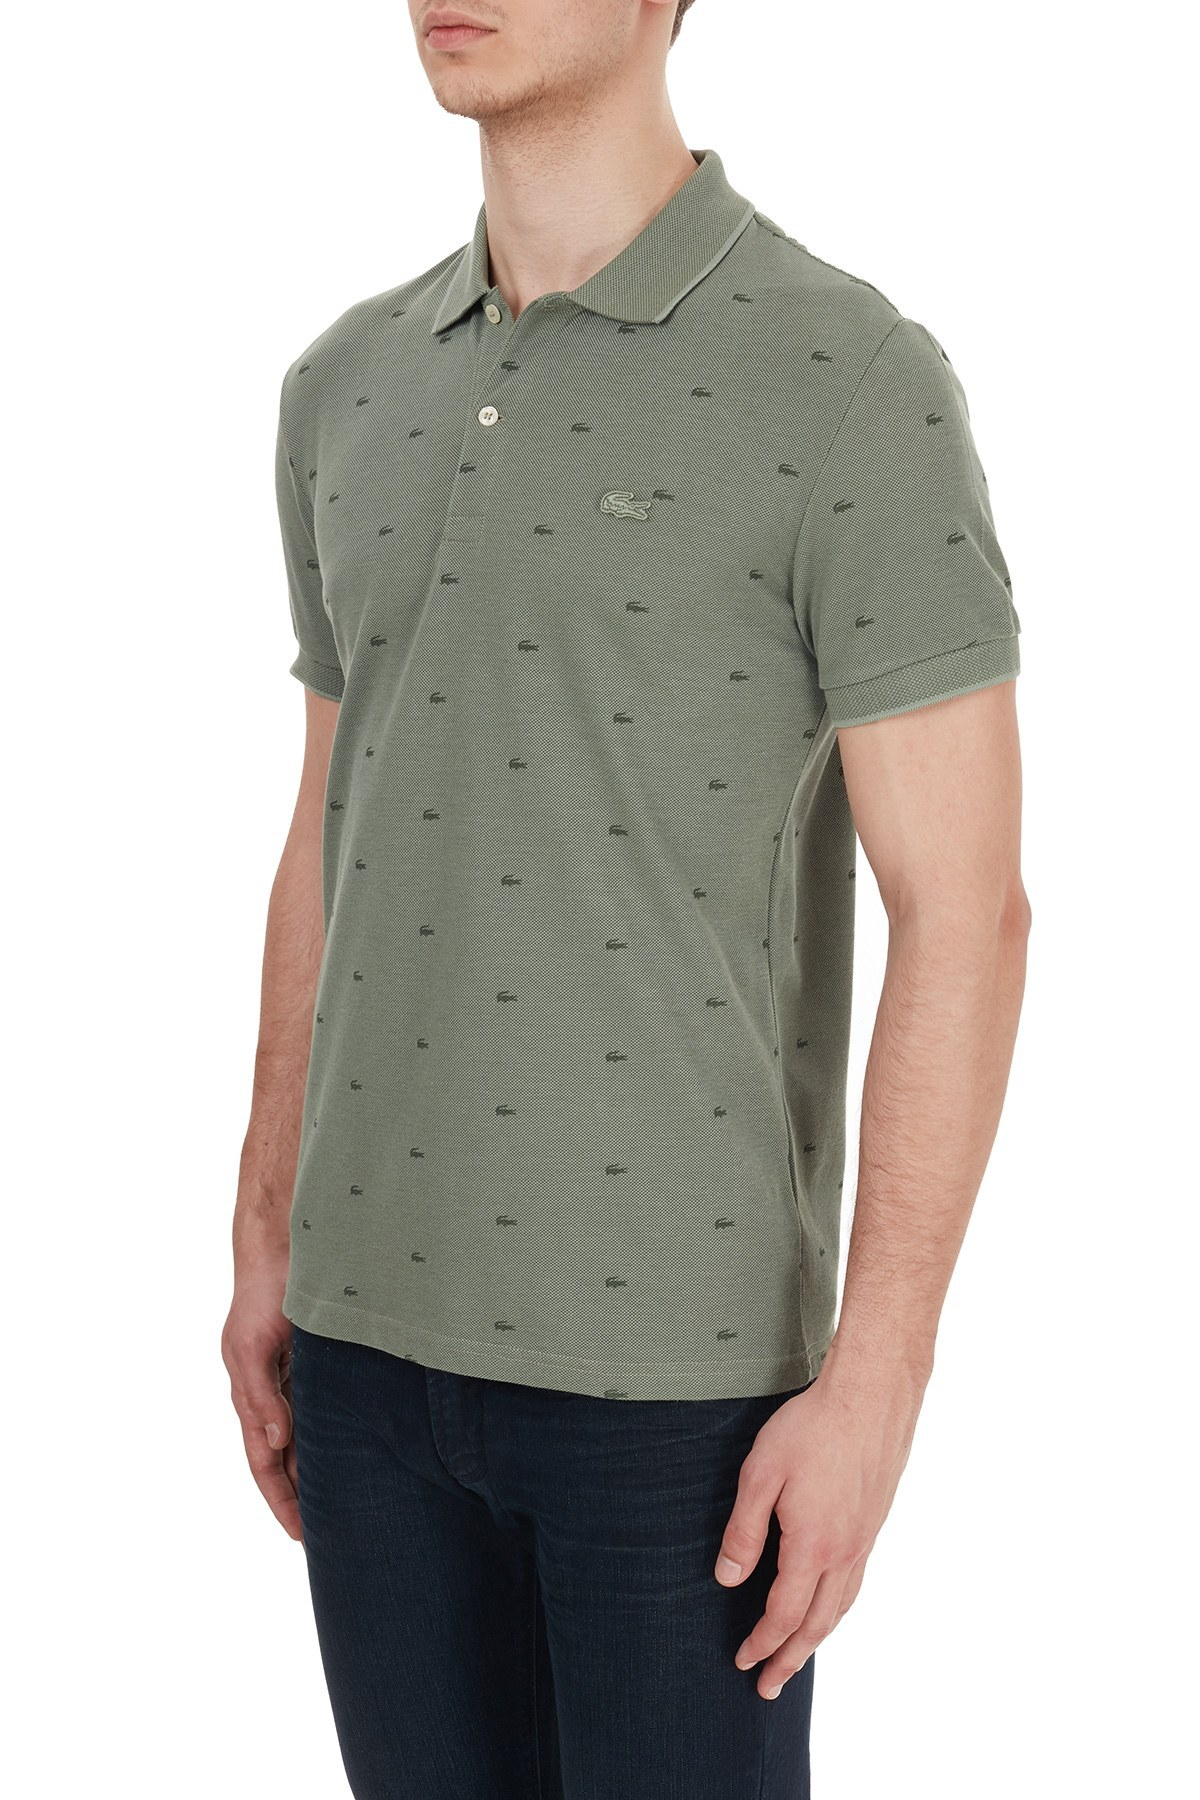 Lacoste Slim Fit Baskılı % 100 Pamuk Düğmeli T Shirt Erkek Polo PH5061 UT3 HAKİ